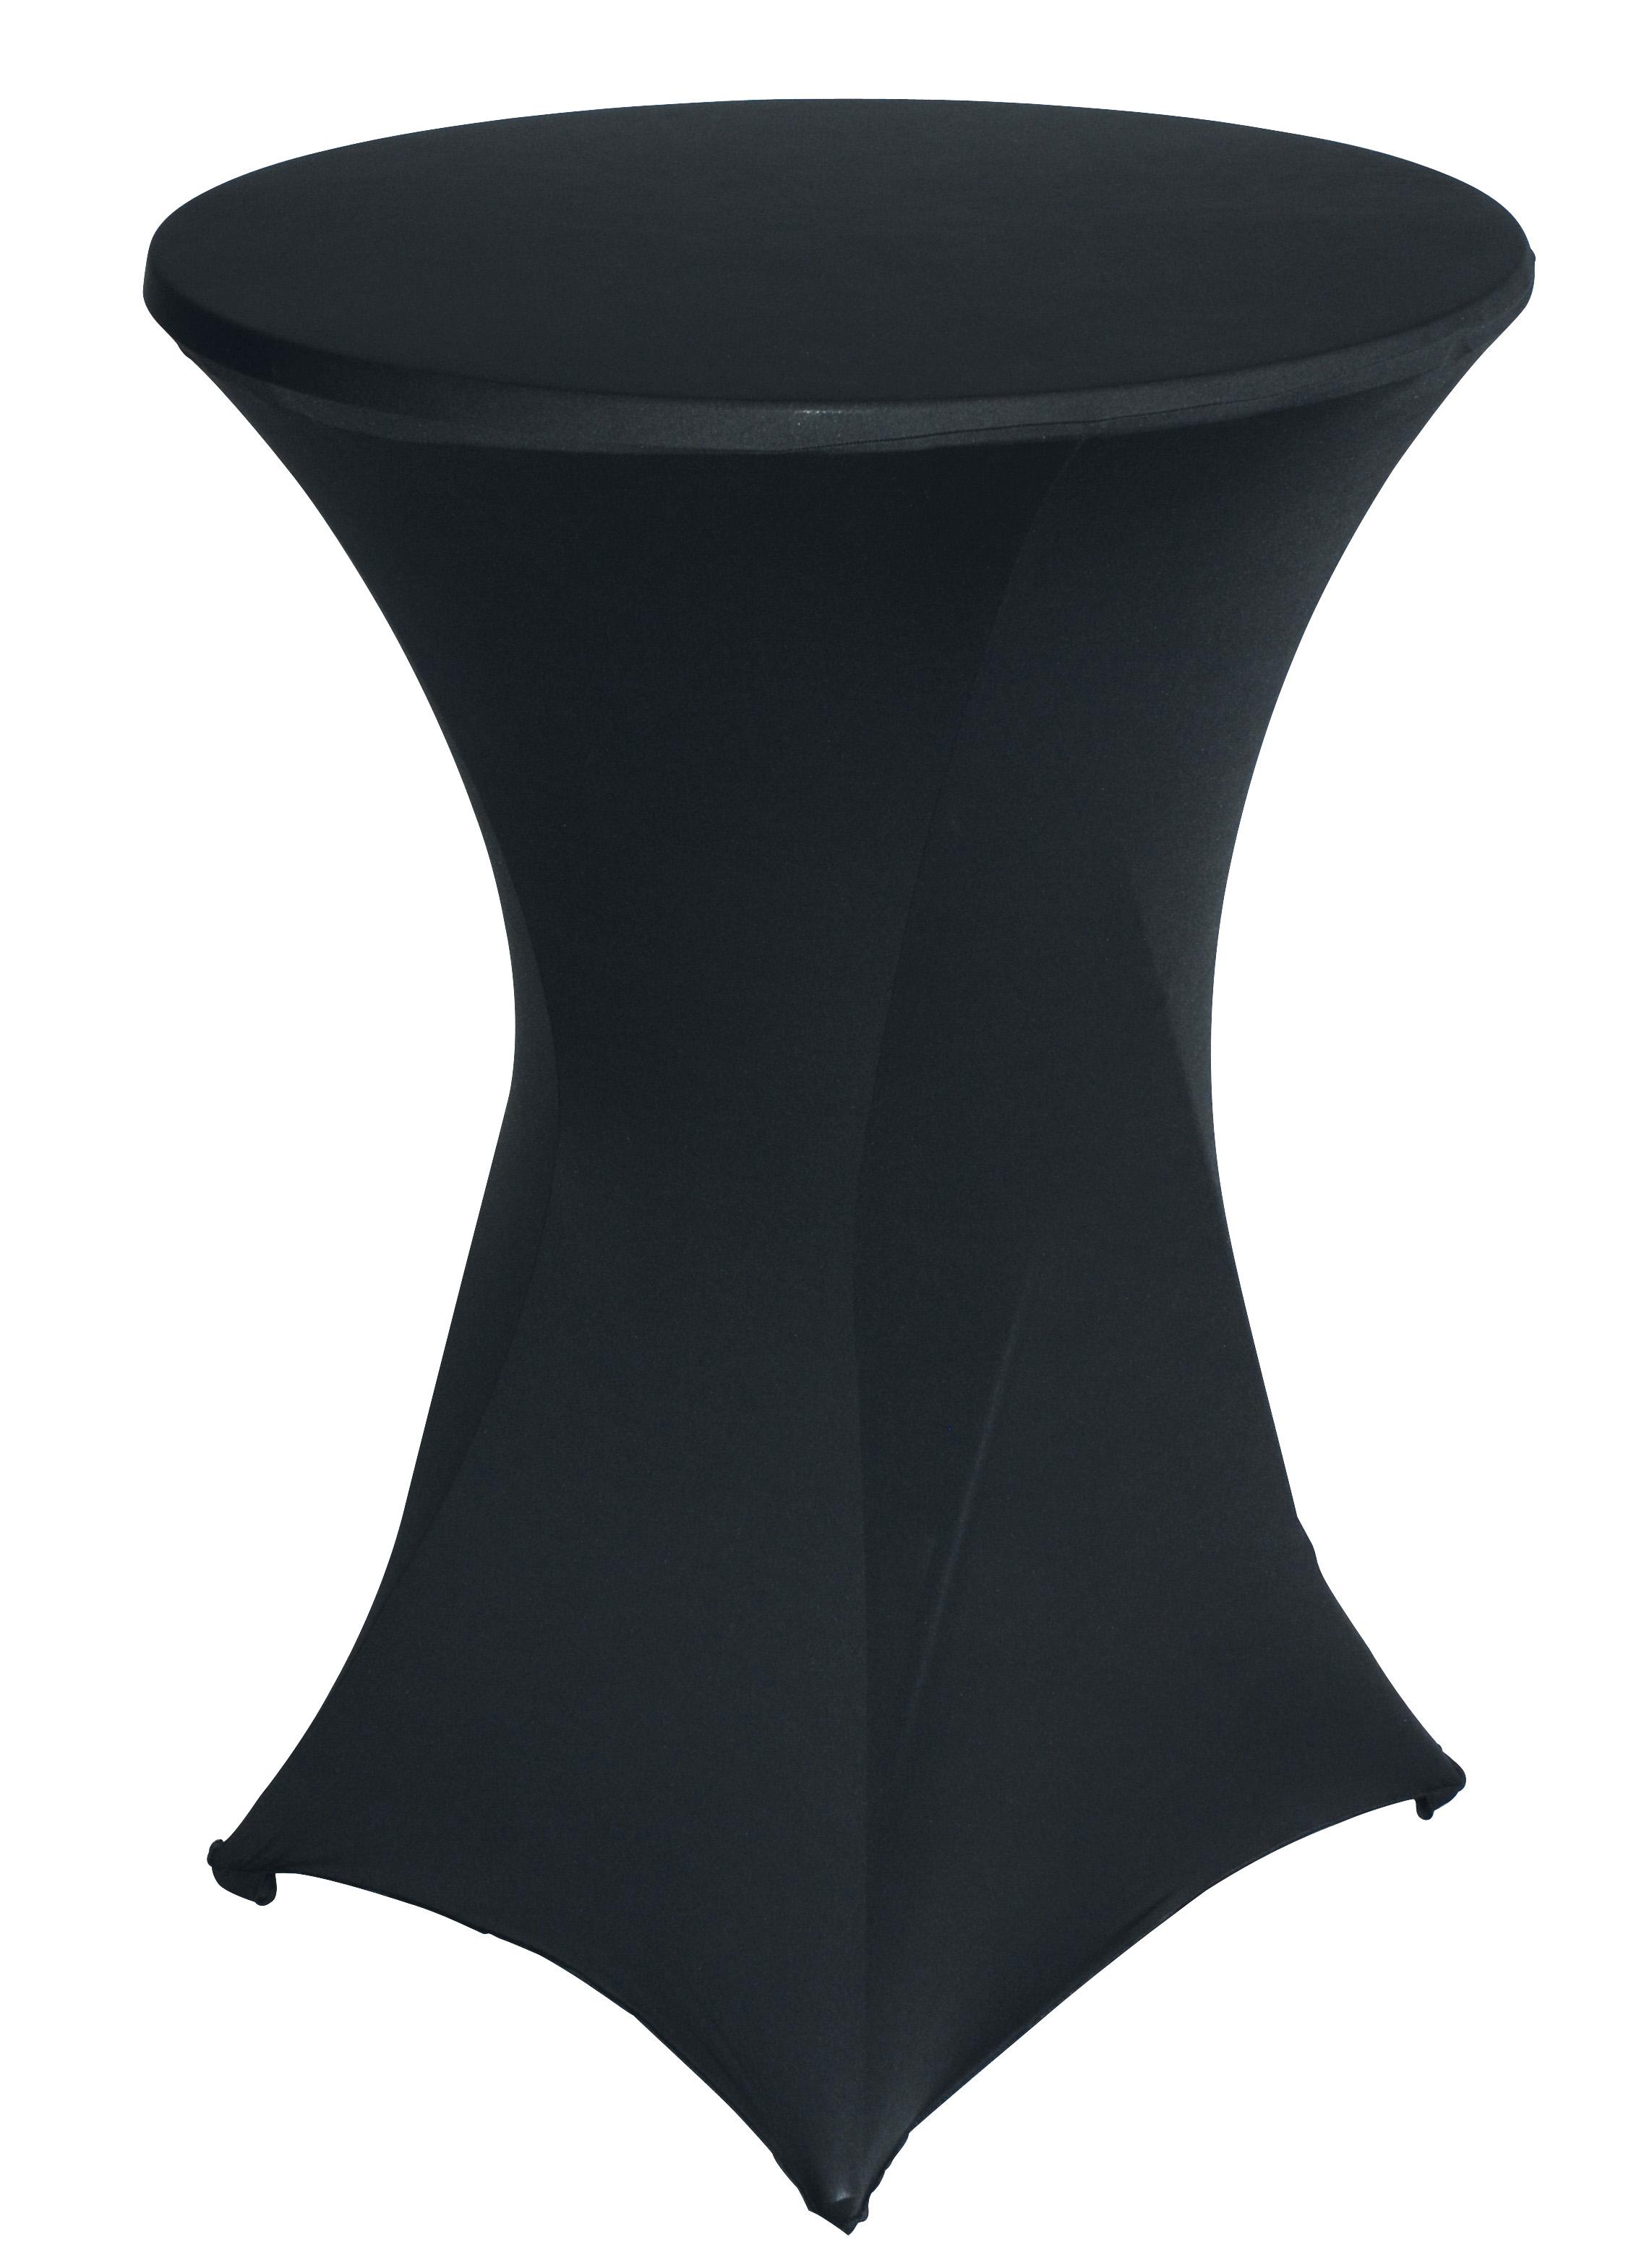 Stretchhussen BASIC für Stehtisch bis 80cm, schwarz